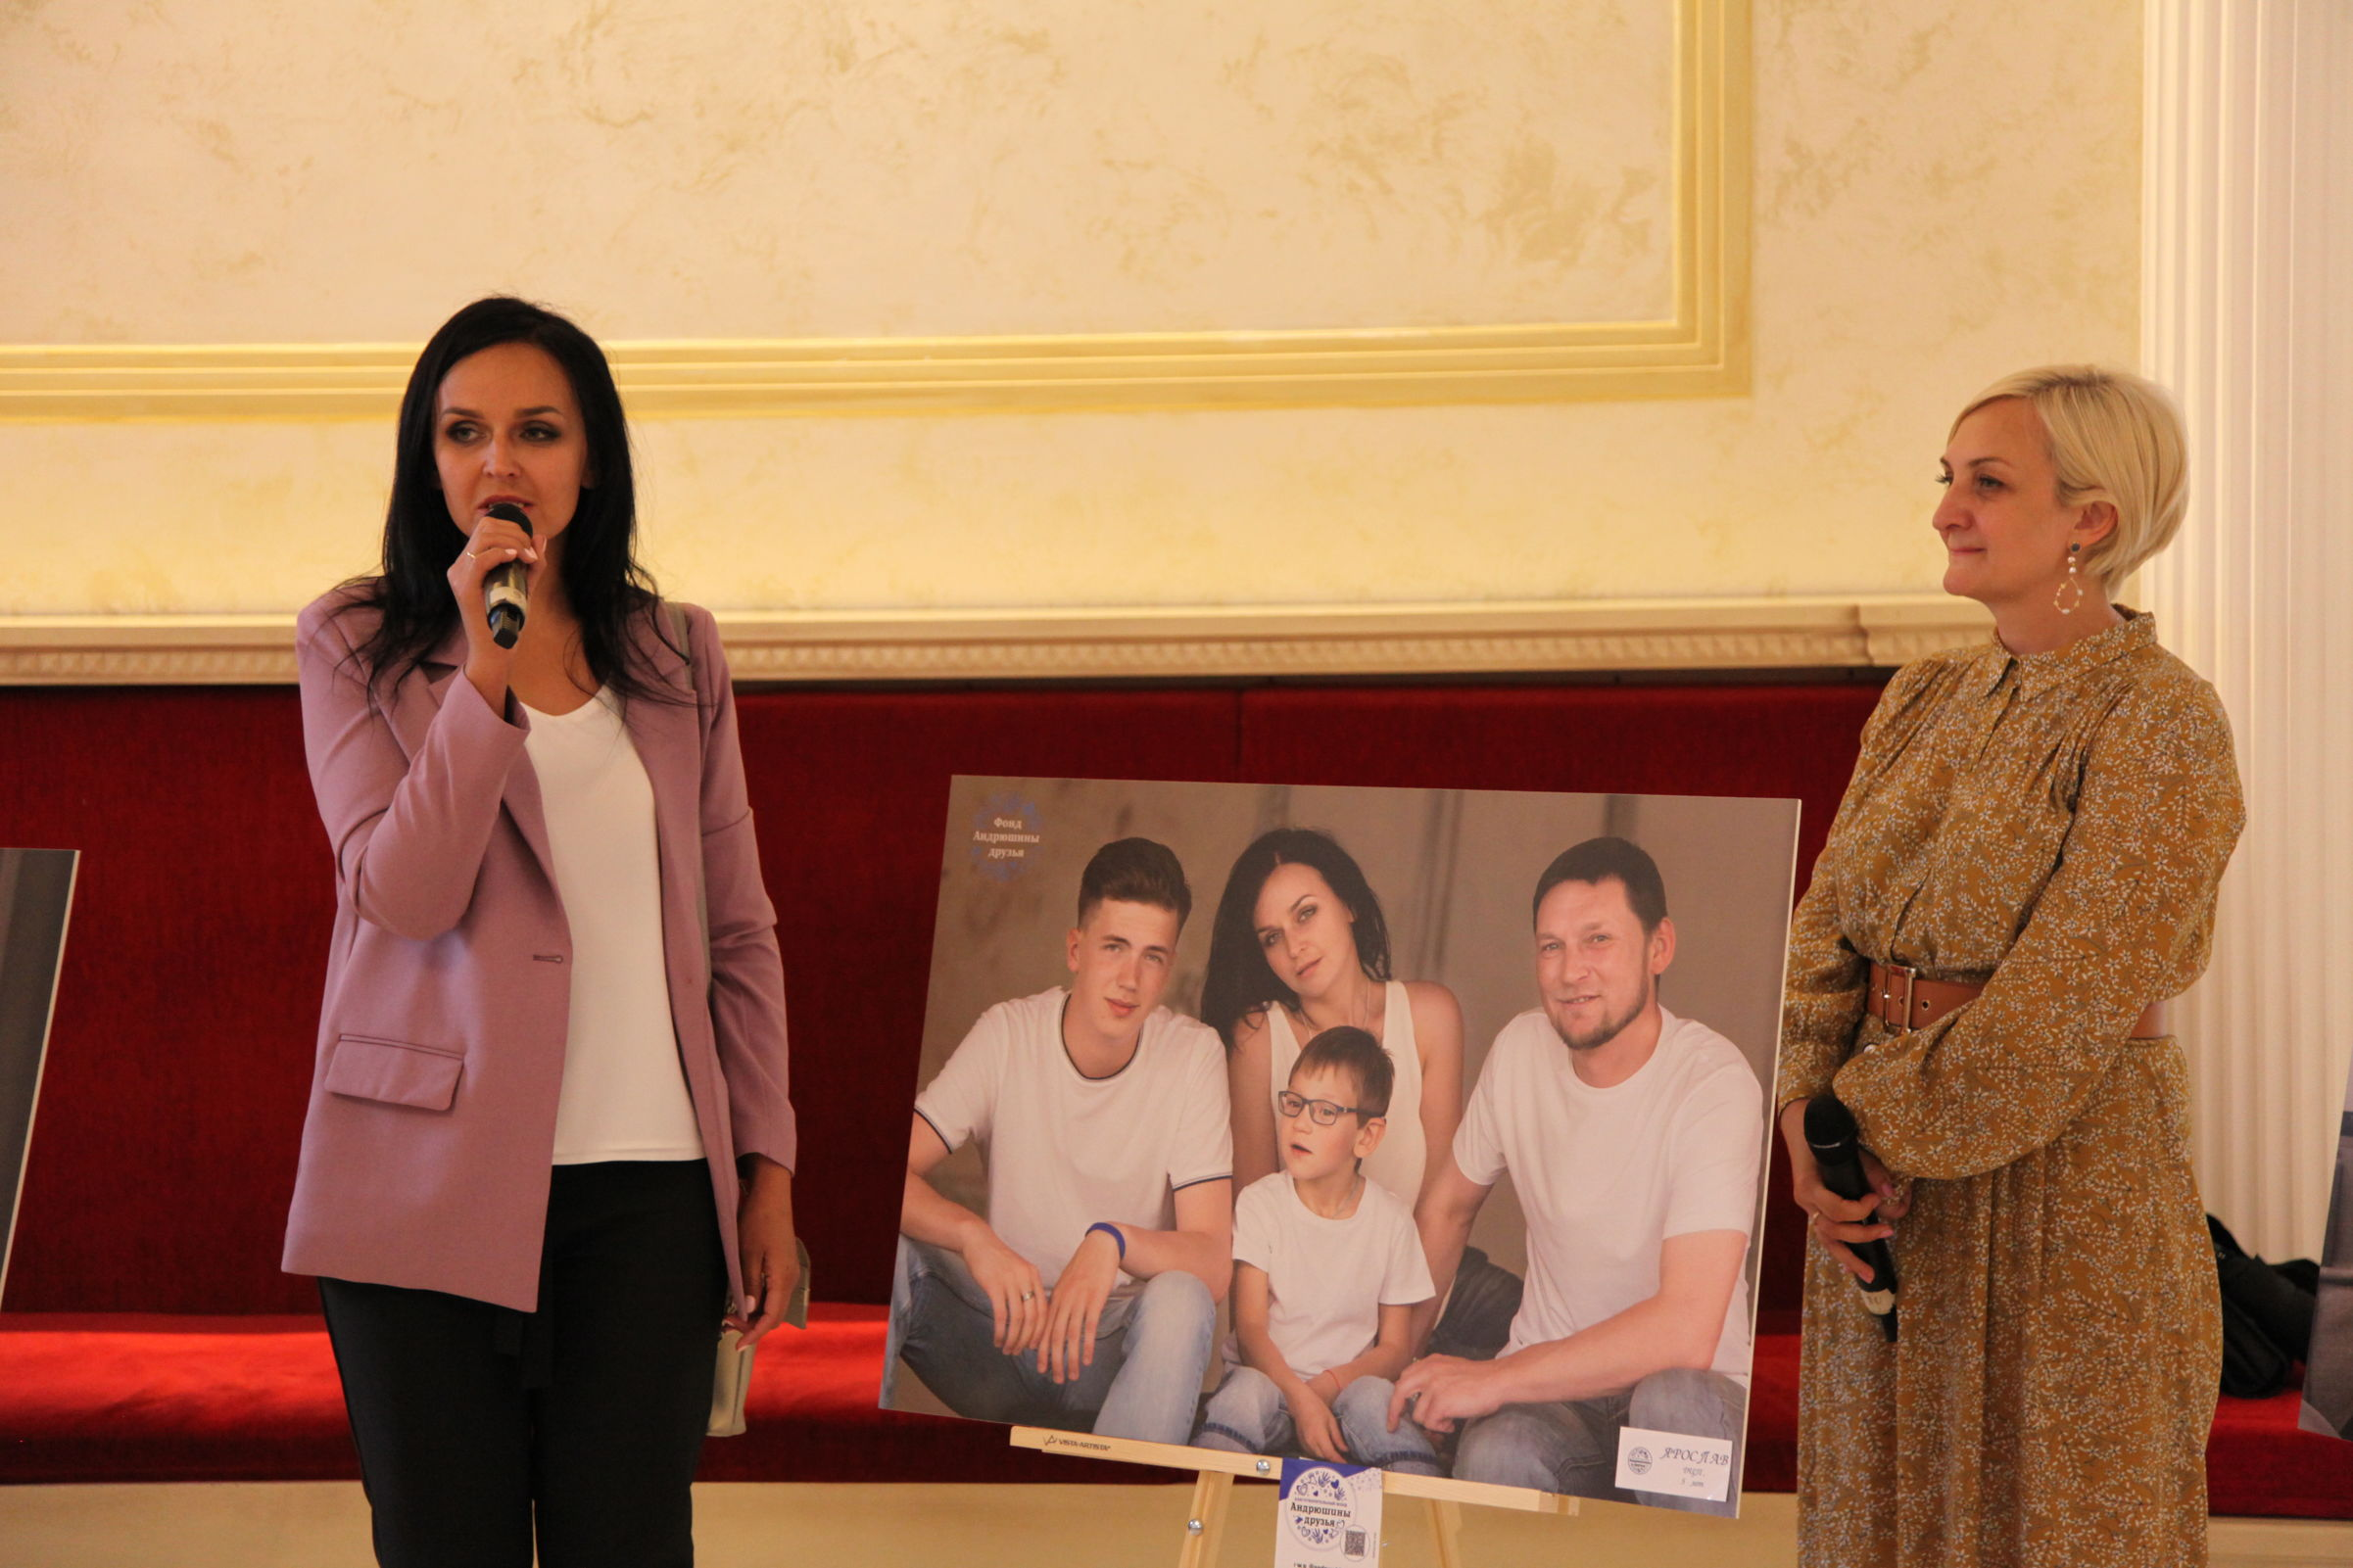 В Москве открылась выставка ярославского фотографа про особенных детей